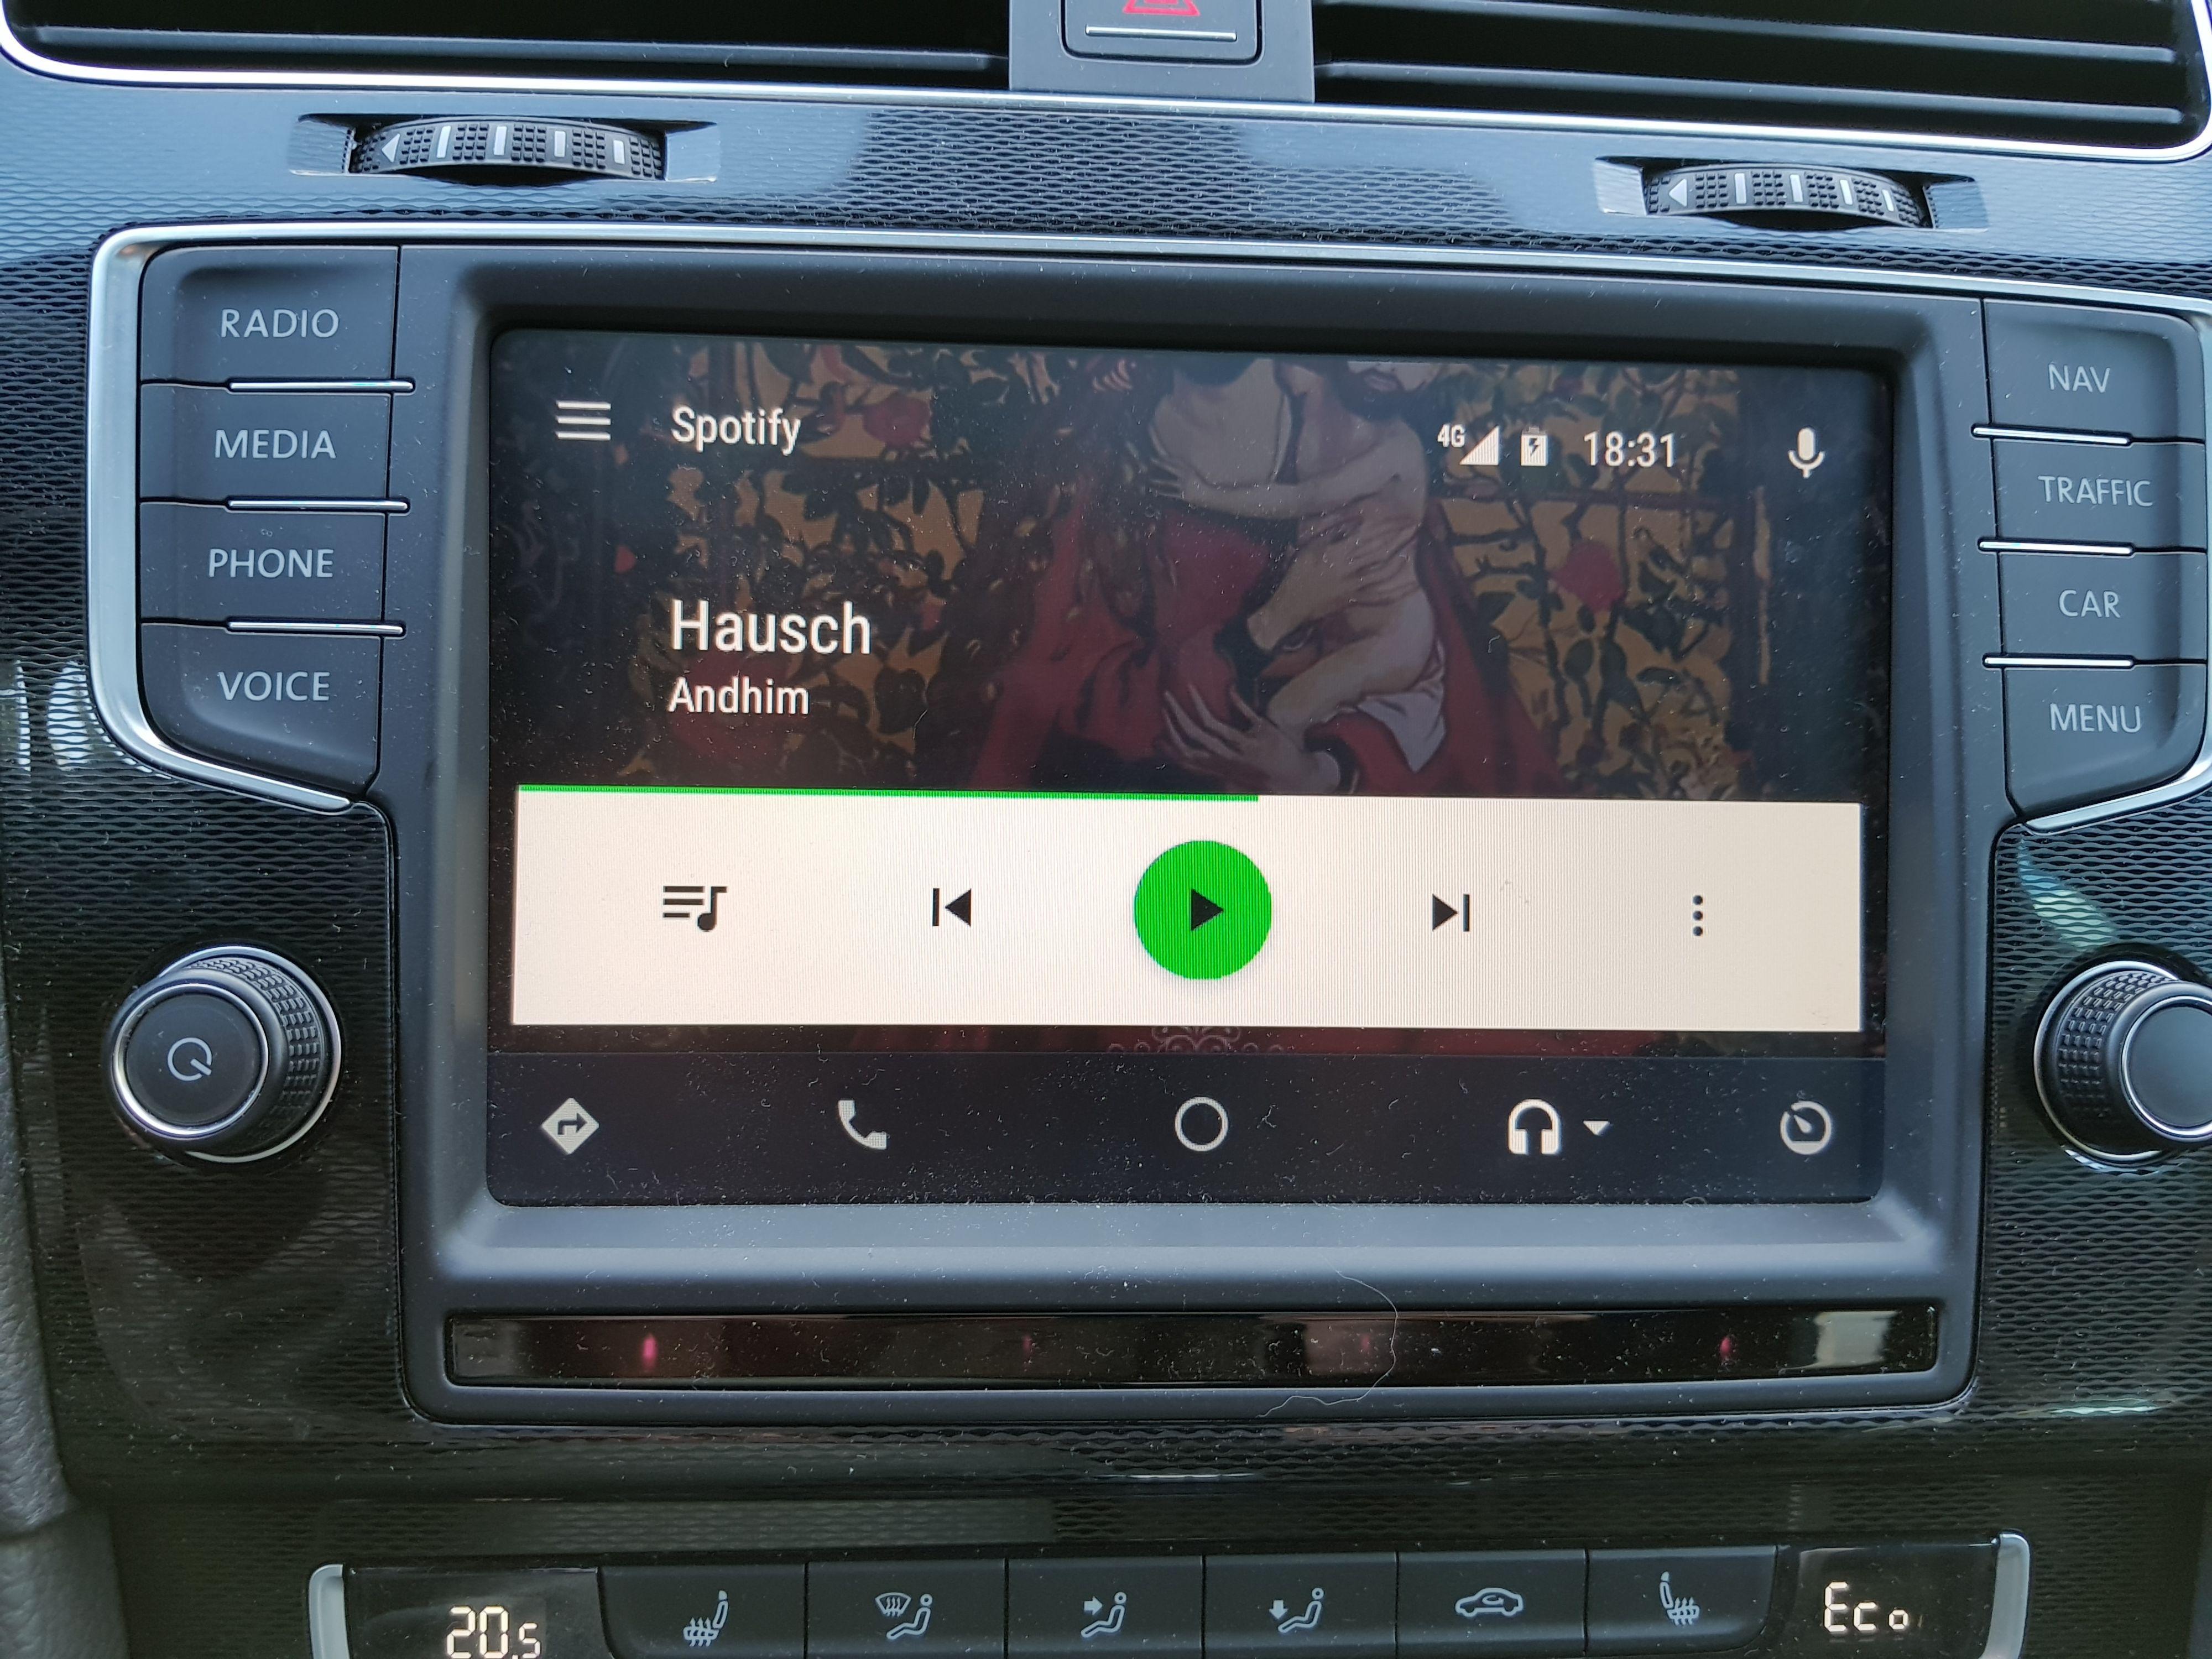 I Android Auto er det en rekke funksjoner som nekter å være fullt og helt tilgjengelige dersom bilen er i bevegelse. Men var ikke hele poenget å gjøre mobilen noenlunde trygg å bruke også i slike situasjoner, slik at man slipper å stoppe for å betjene den? Bilde: Finn Jarle Kvalheim, Tek.no